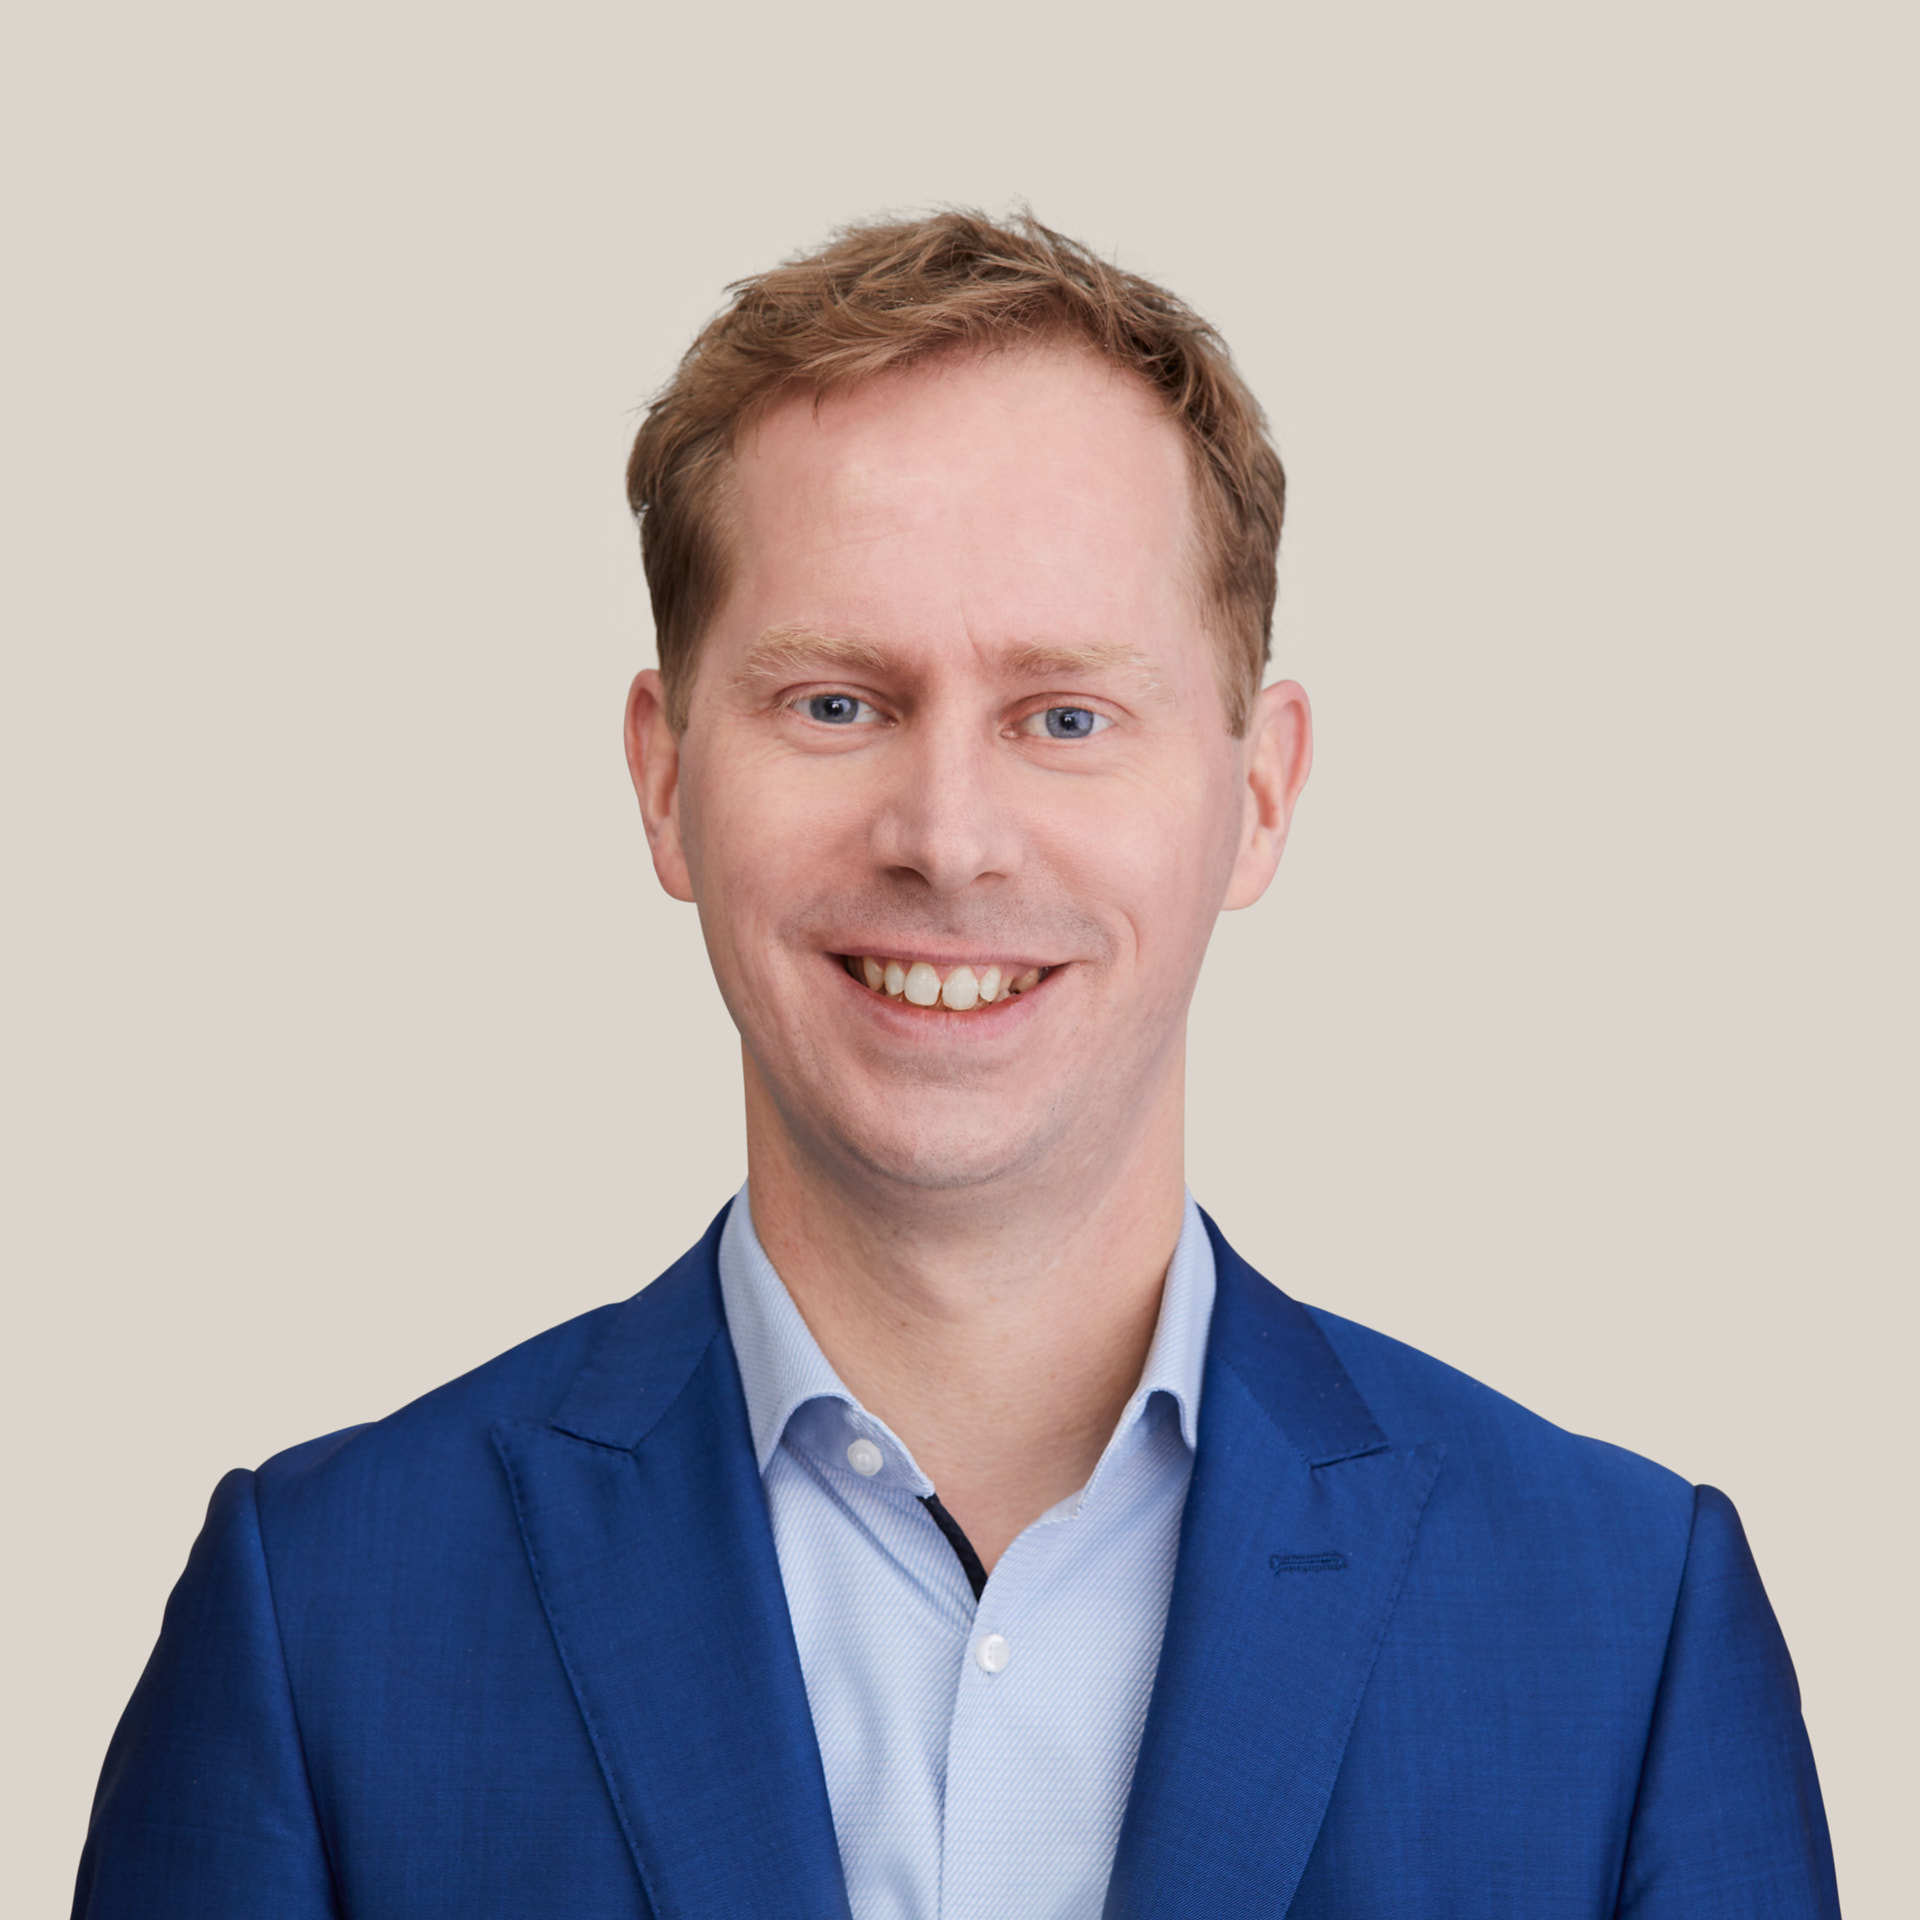 Arjan Kleinhout